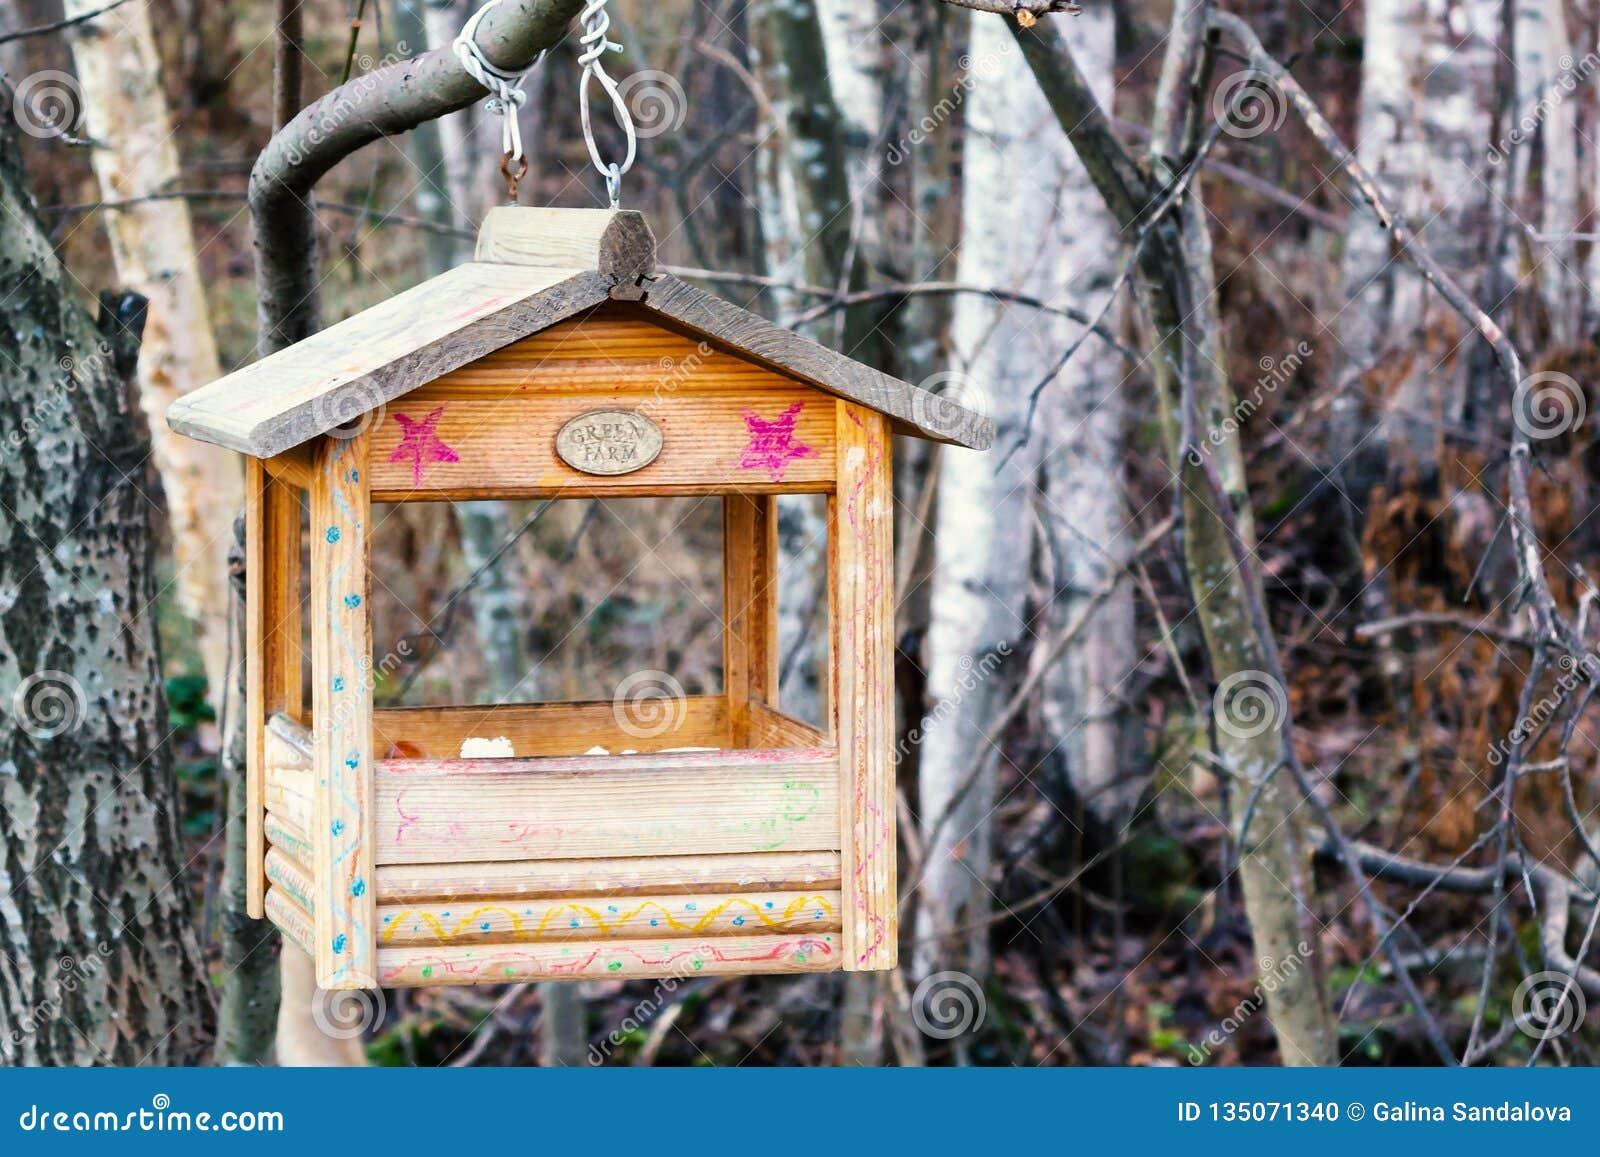 Αγία Πετρούπολη, Ρωσία - 22 Νοεμβρίου 2018:: Τροφοδότης πουλιών με μορφή ενός σπιτιού σε έναν κλάδο στο χειμερινό δάσος